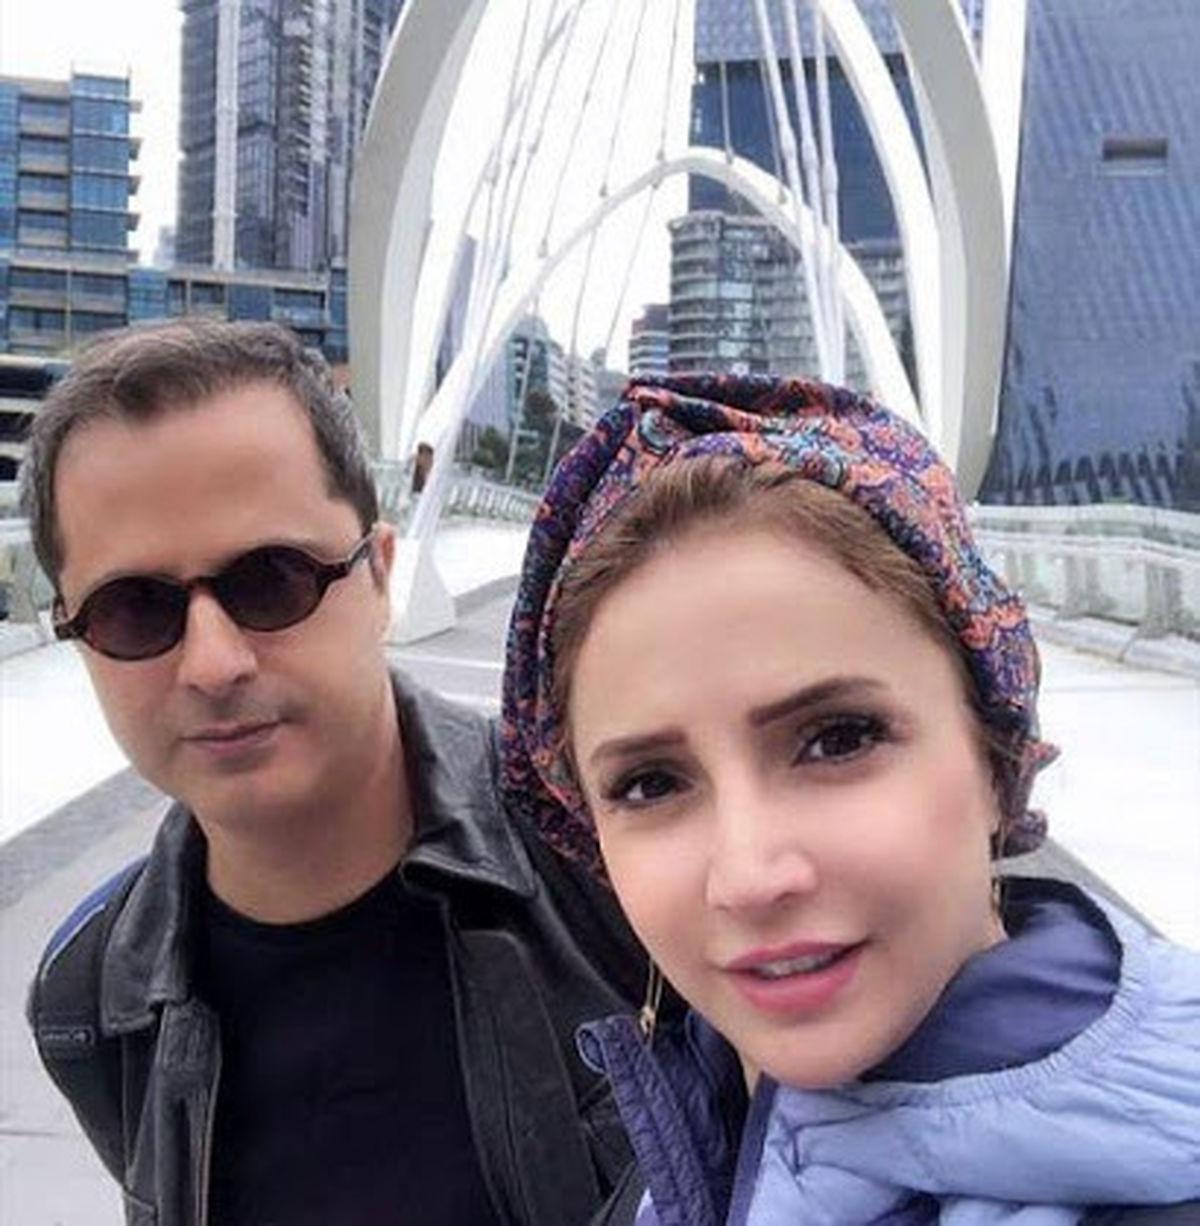 شبنم قلی خانی روی پل معلق سکته کرد! +فیلم